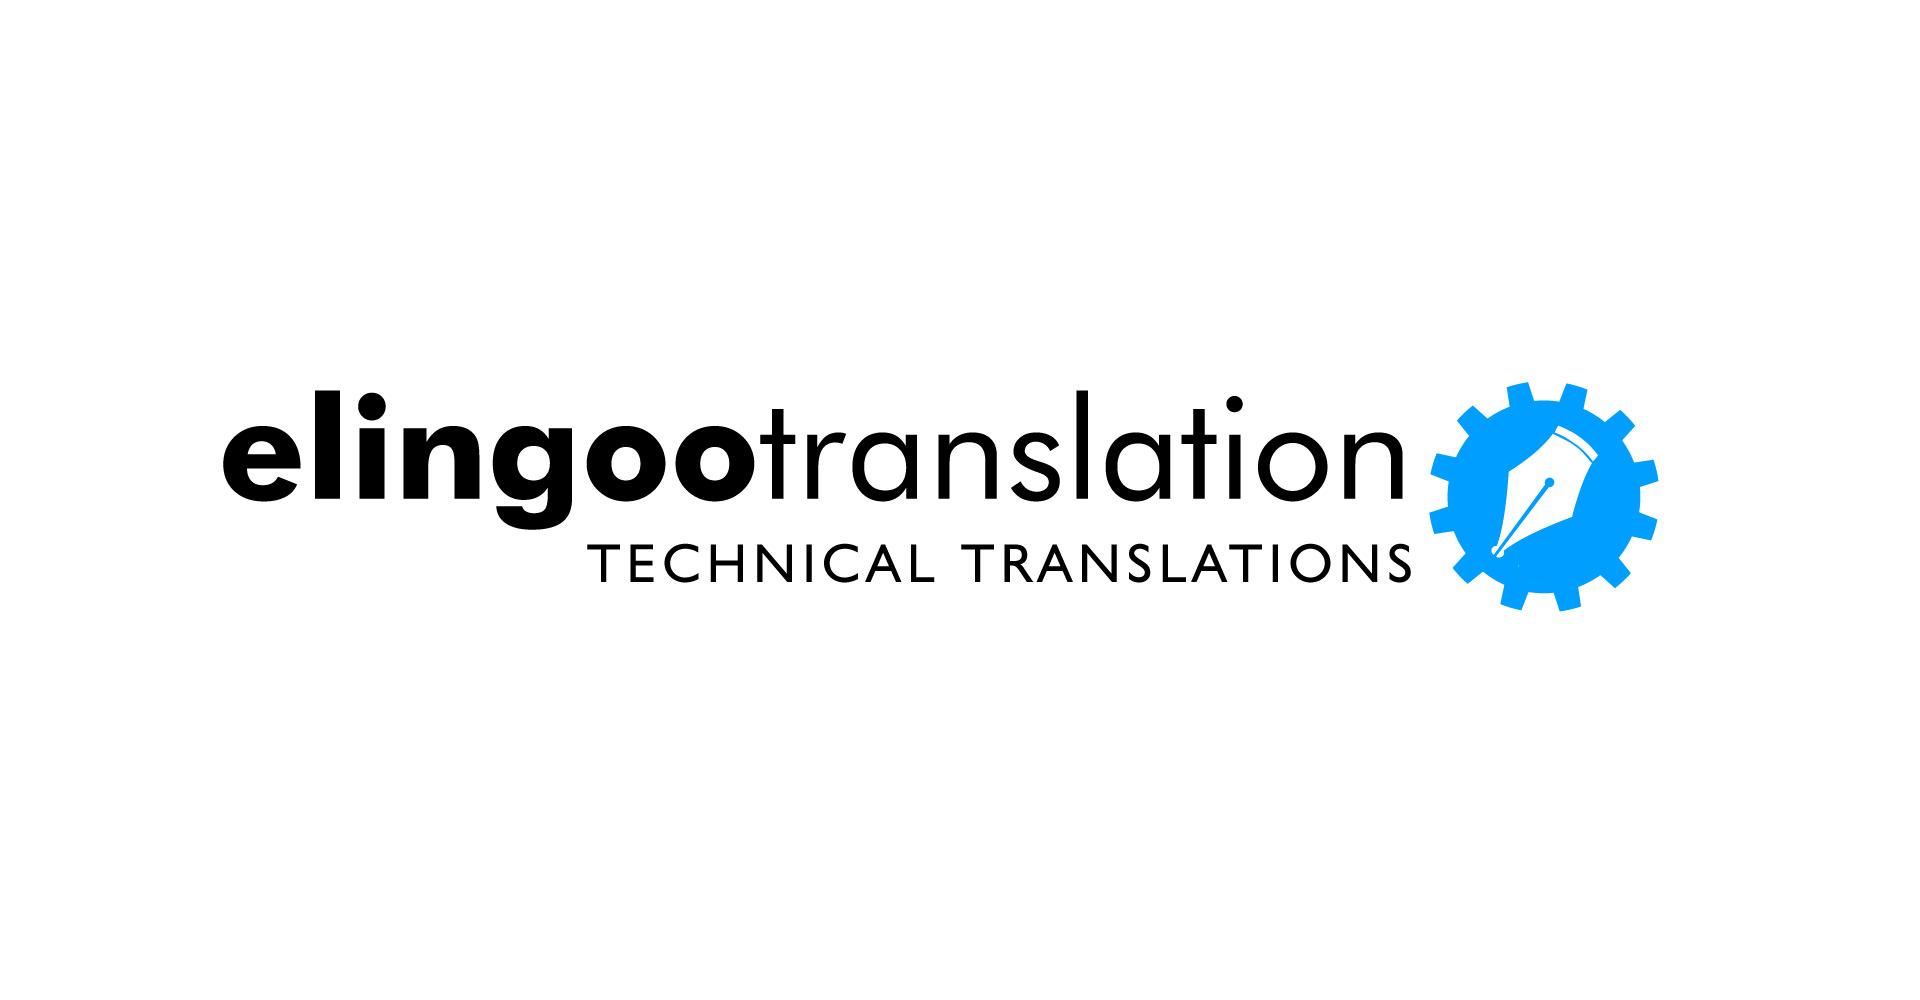 Elingoo Translation